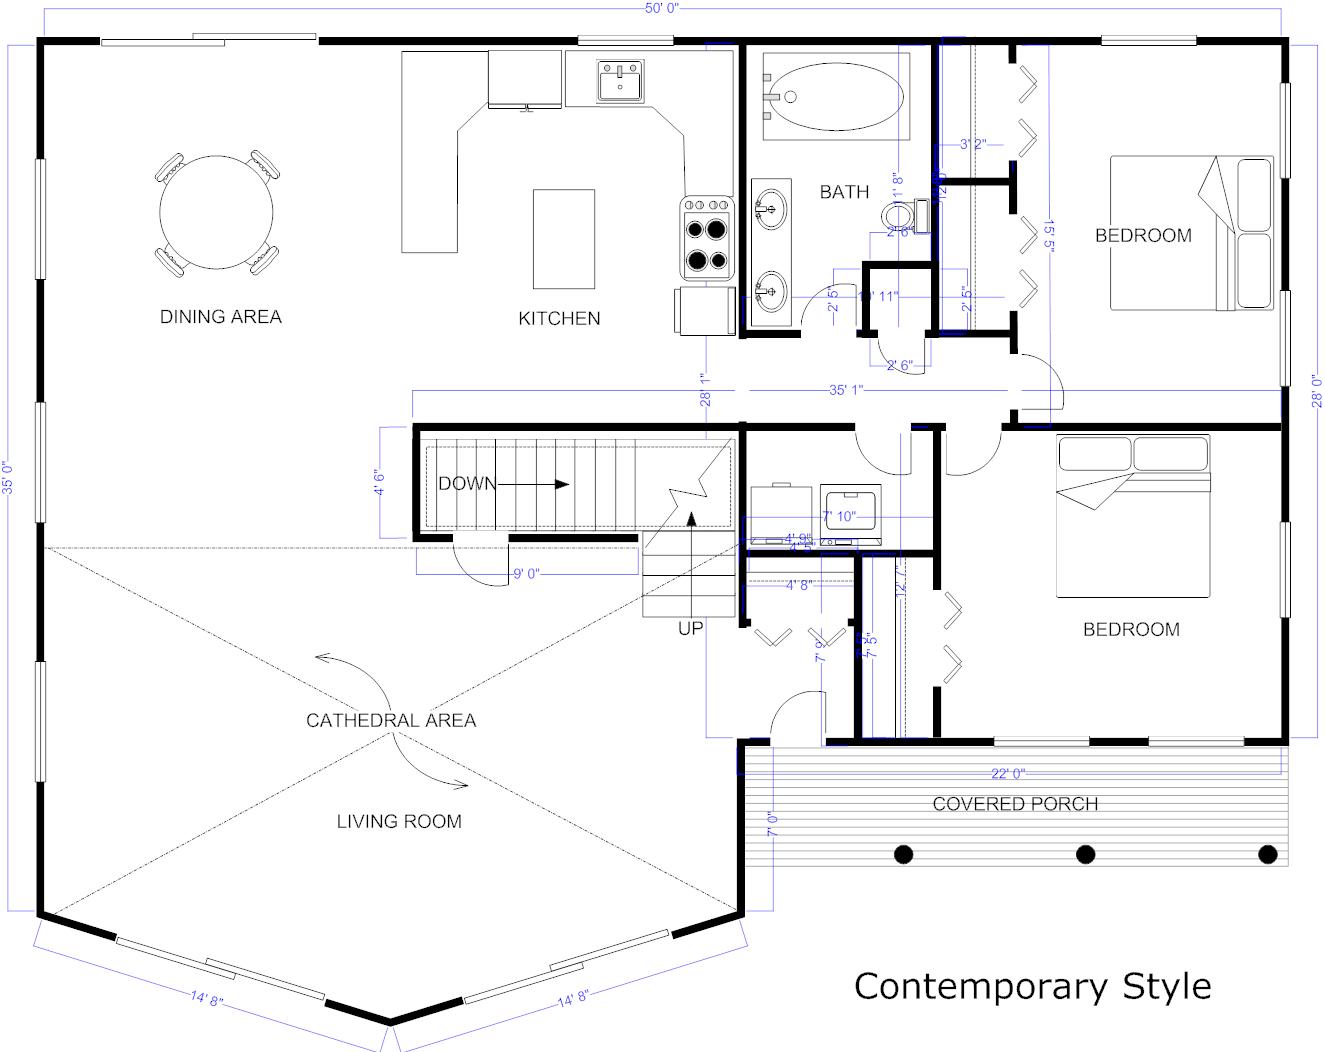 House Blueprint Software